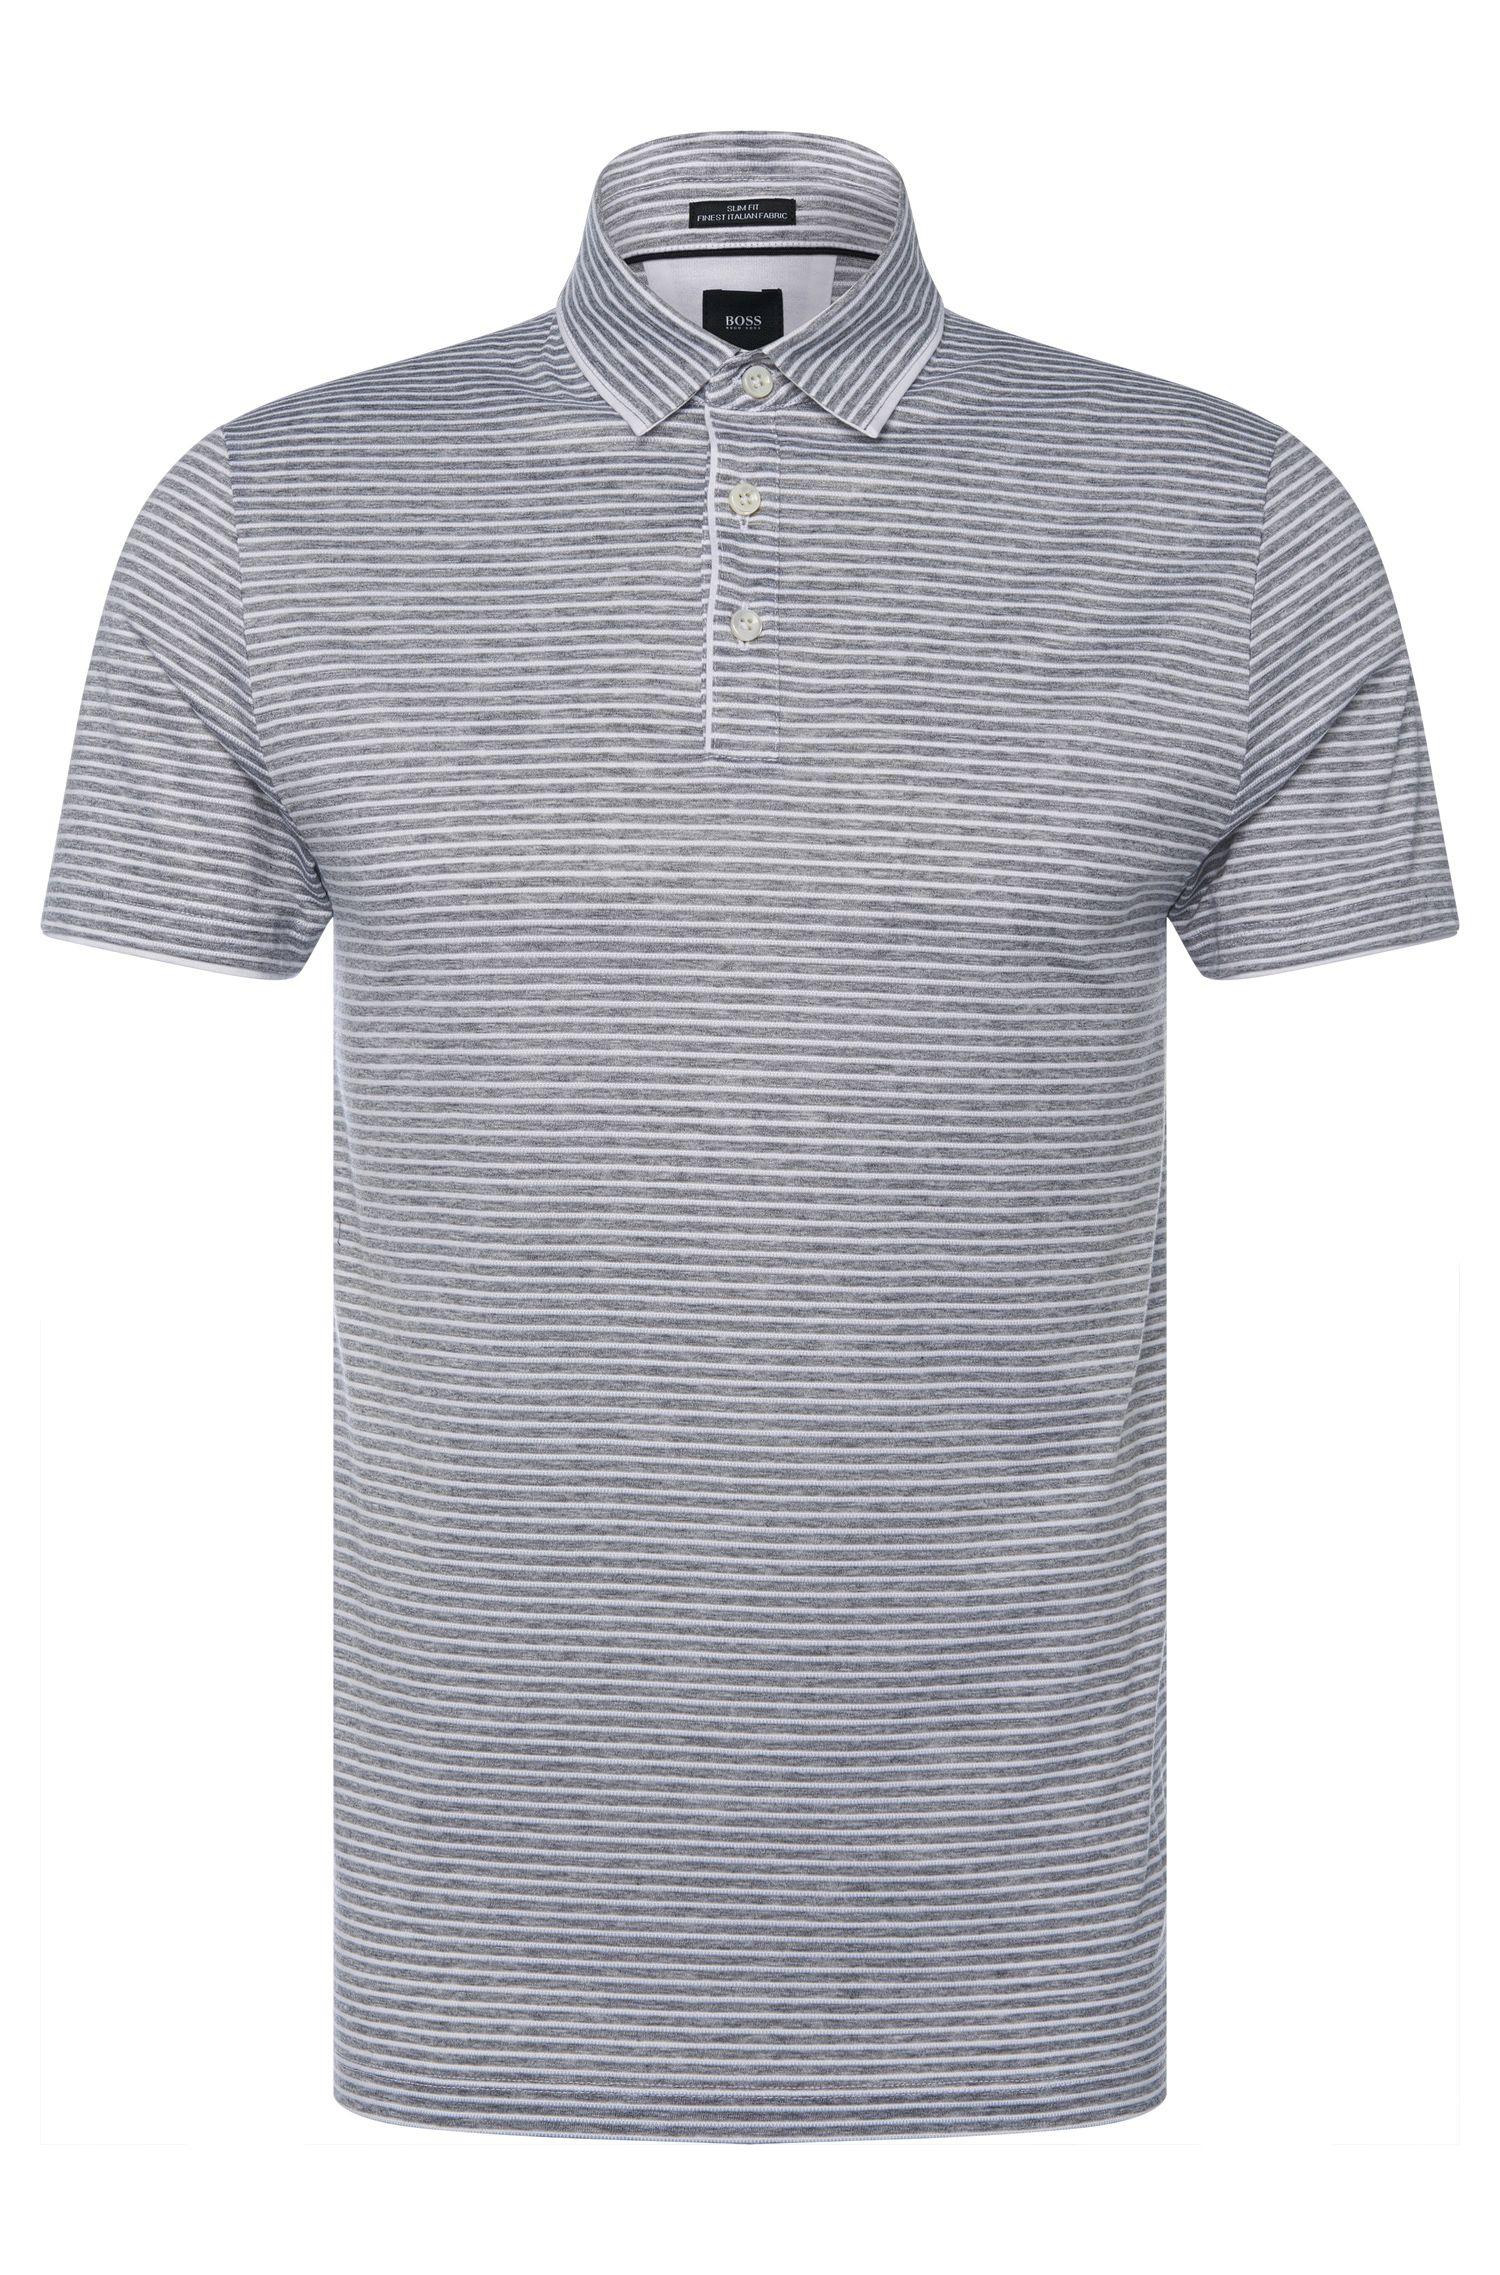 Gestreiftes Slim-Fit Tailored Poloshirt aus Baumwolle: 'T-Pryde 27'